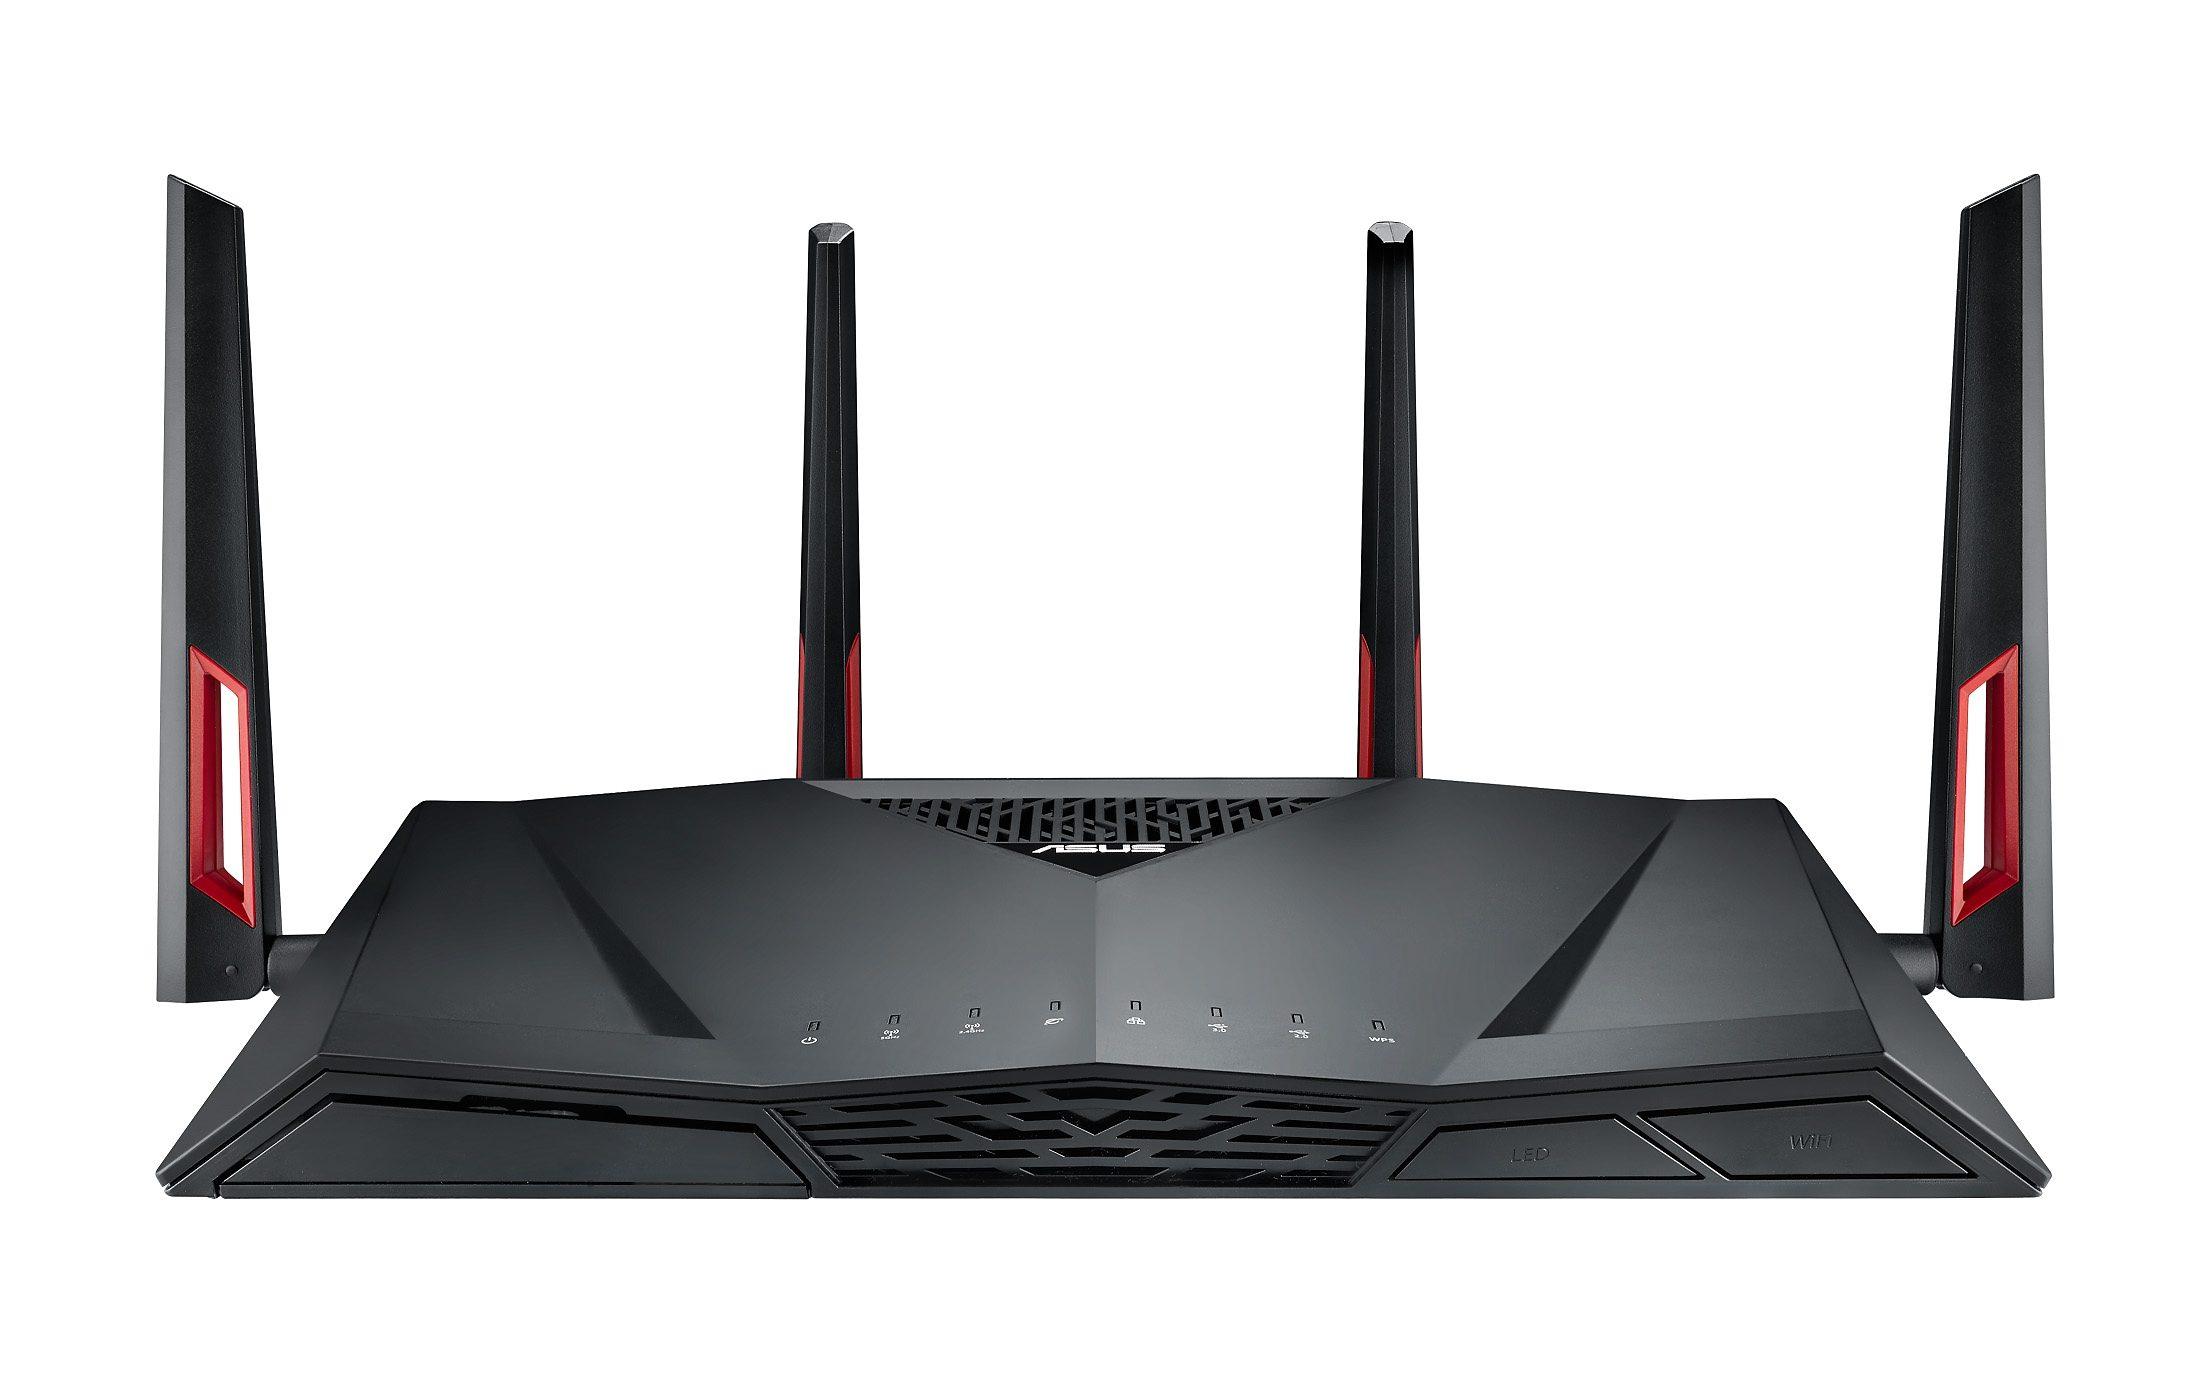 ASUS RT-AC88U AC3100 schwarz Gigabit WLAN Router »RT-AC88U AC3100«